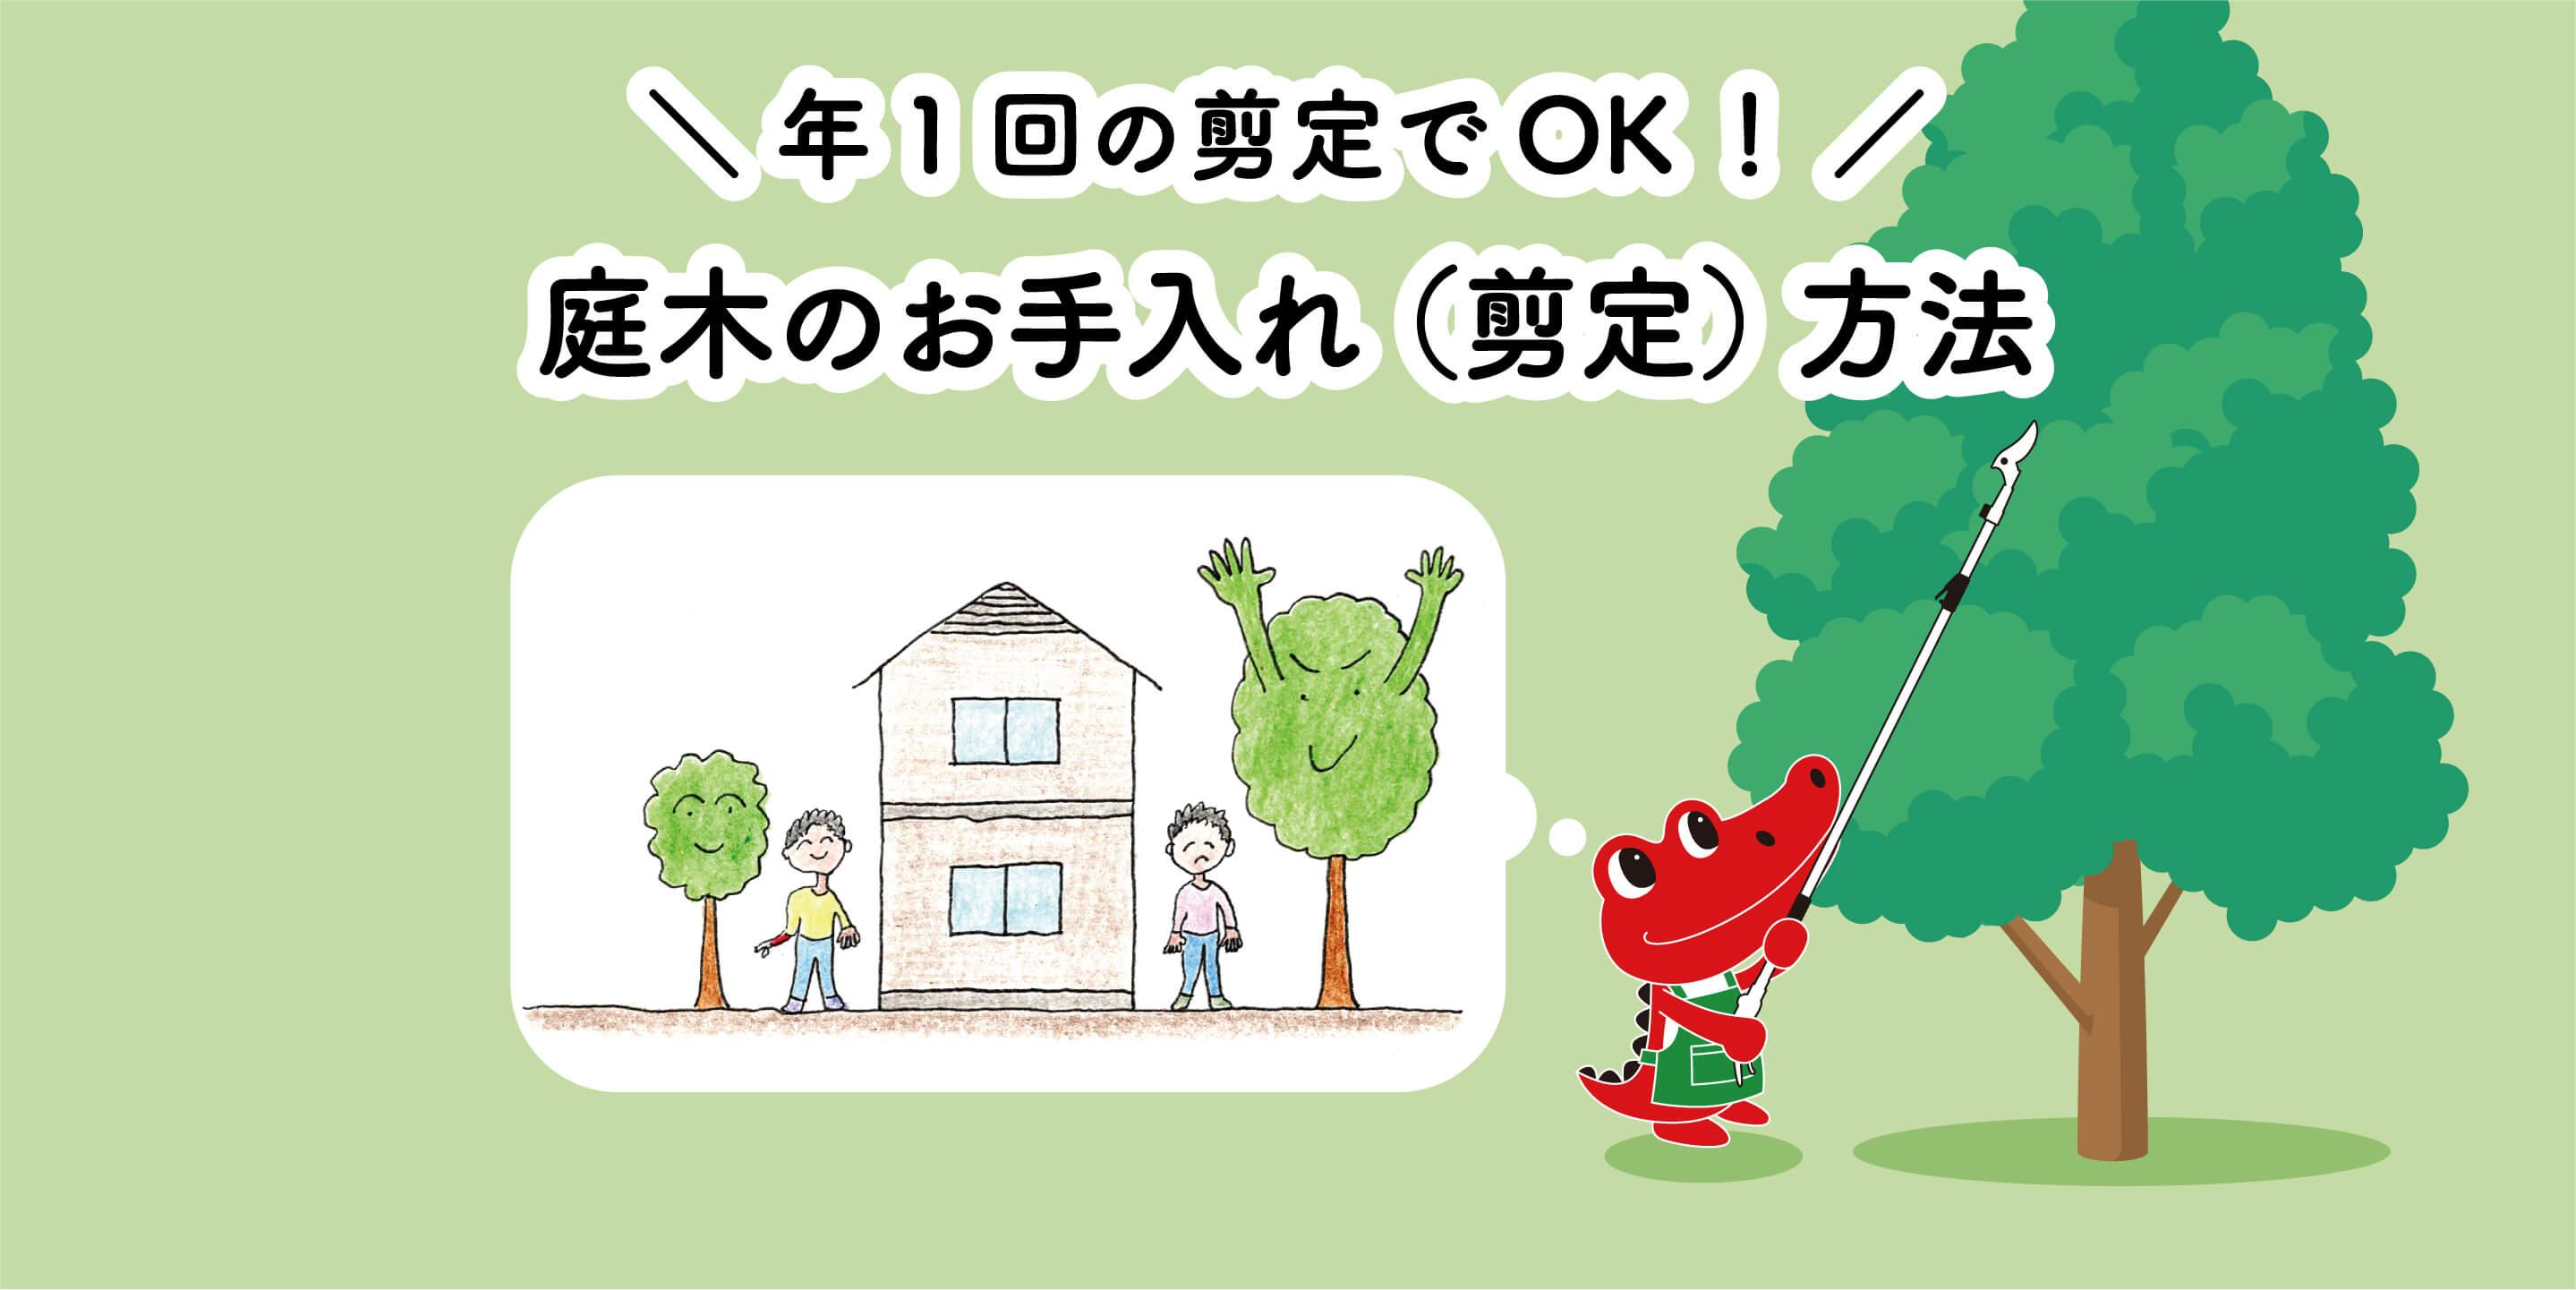 庭木のお手入れ(剪定)方法【年1回の剪定でOK!】